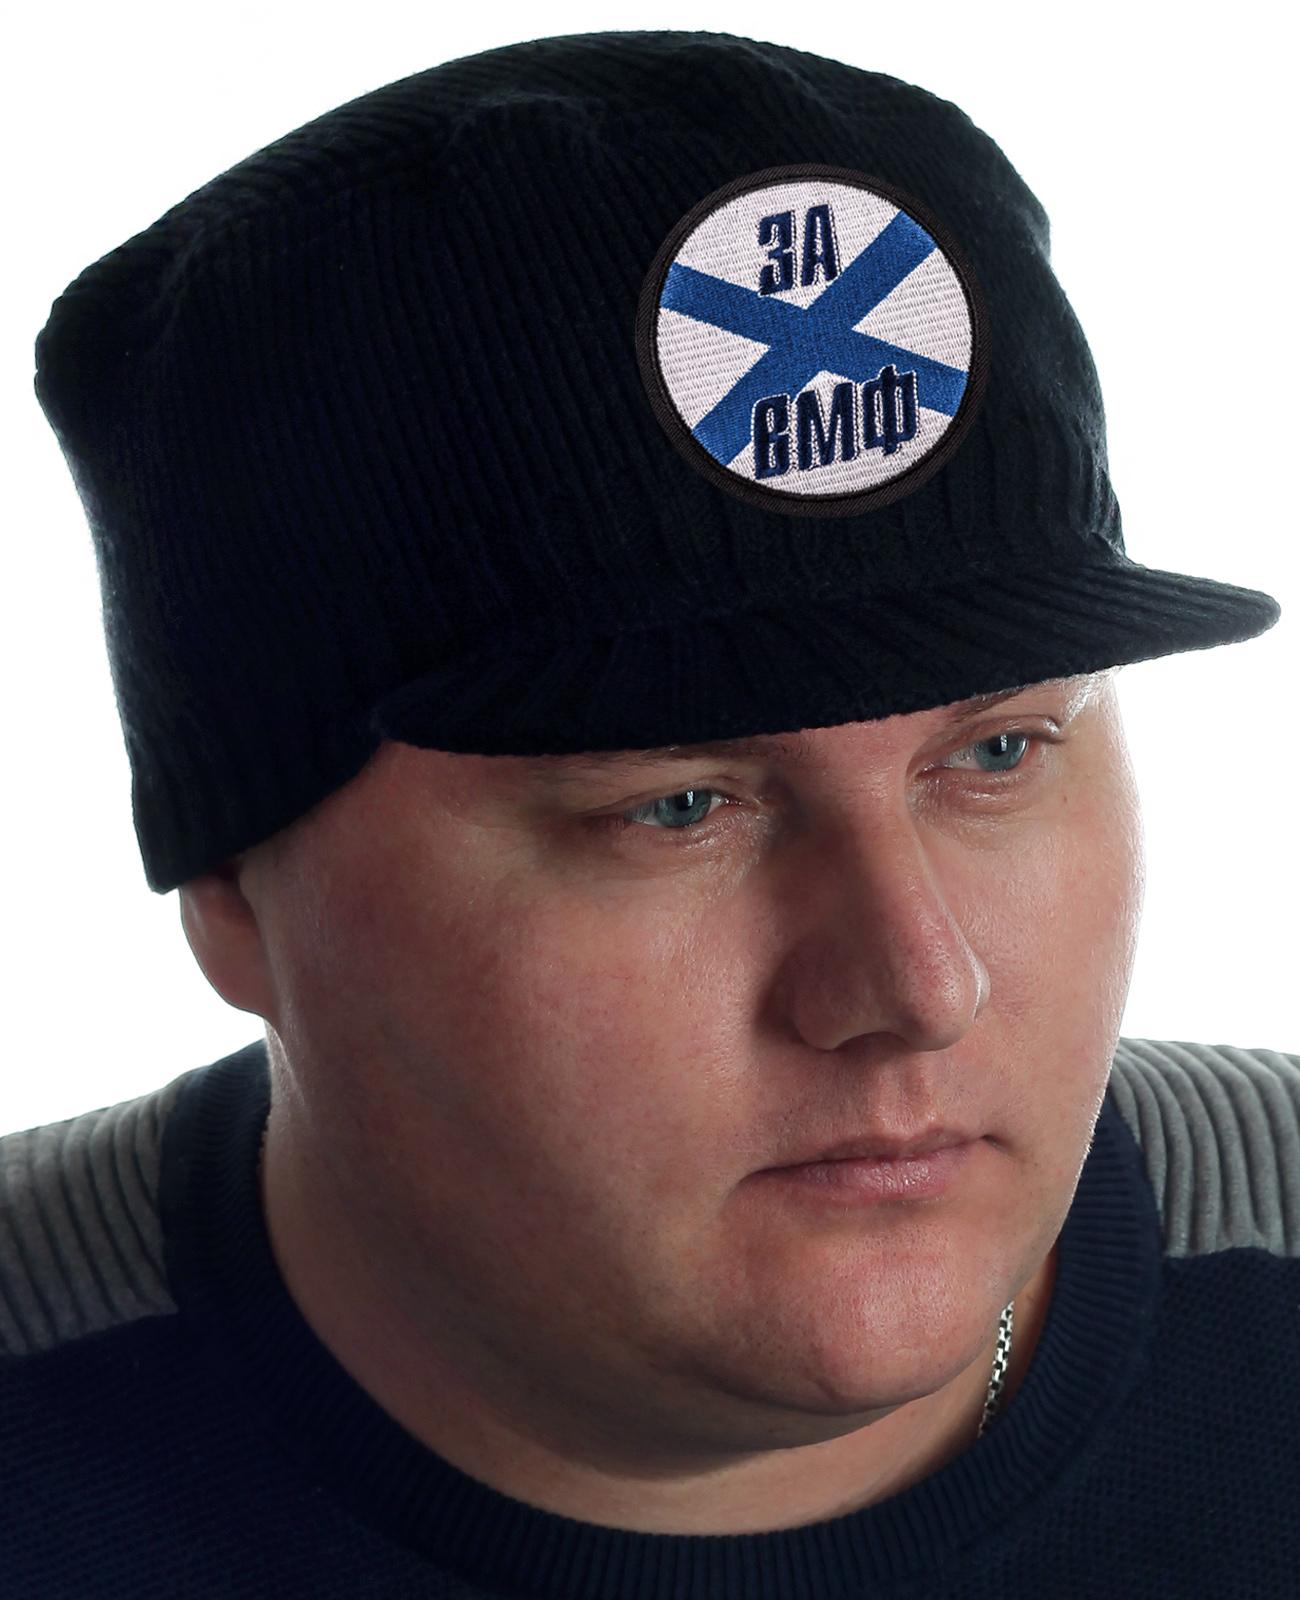 Продажа стильных мужских шапок в Москве. Модели с козырьком